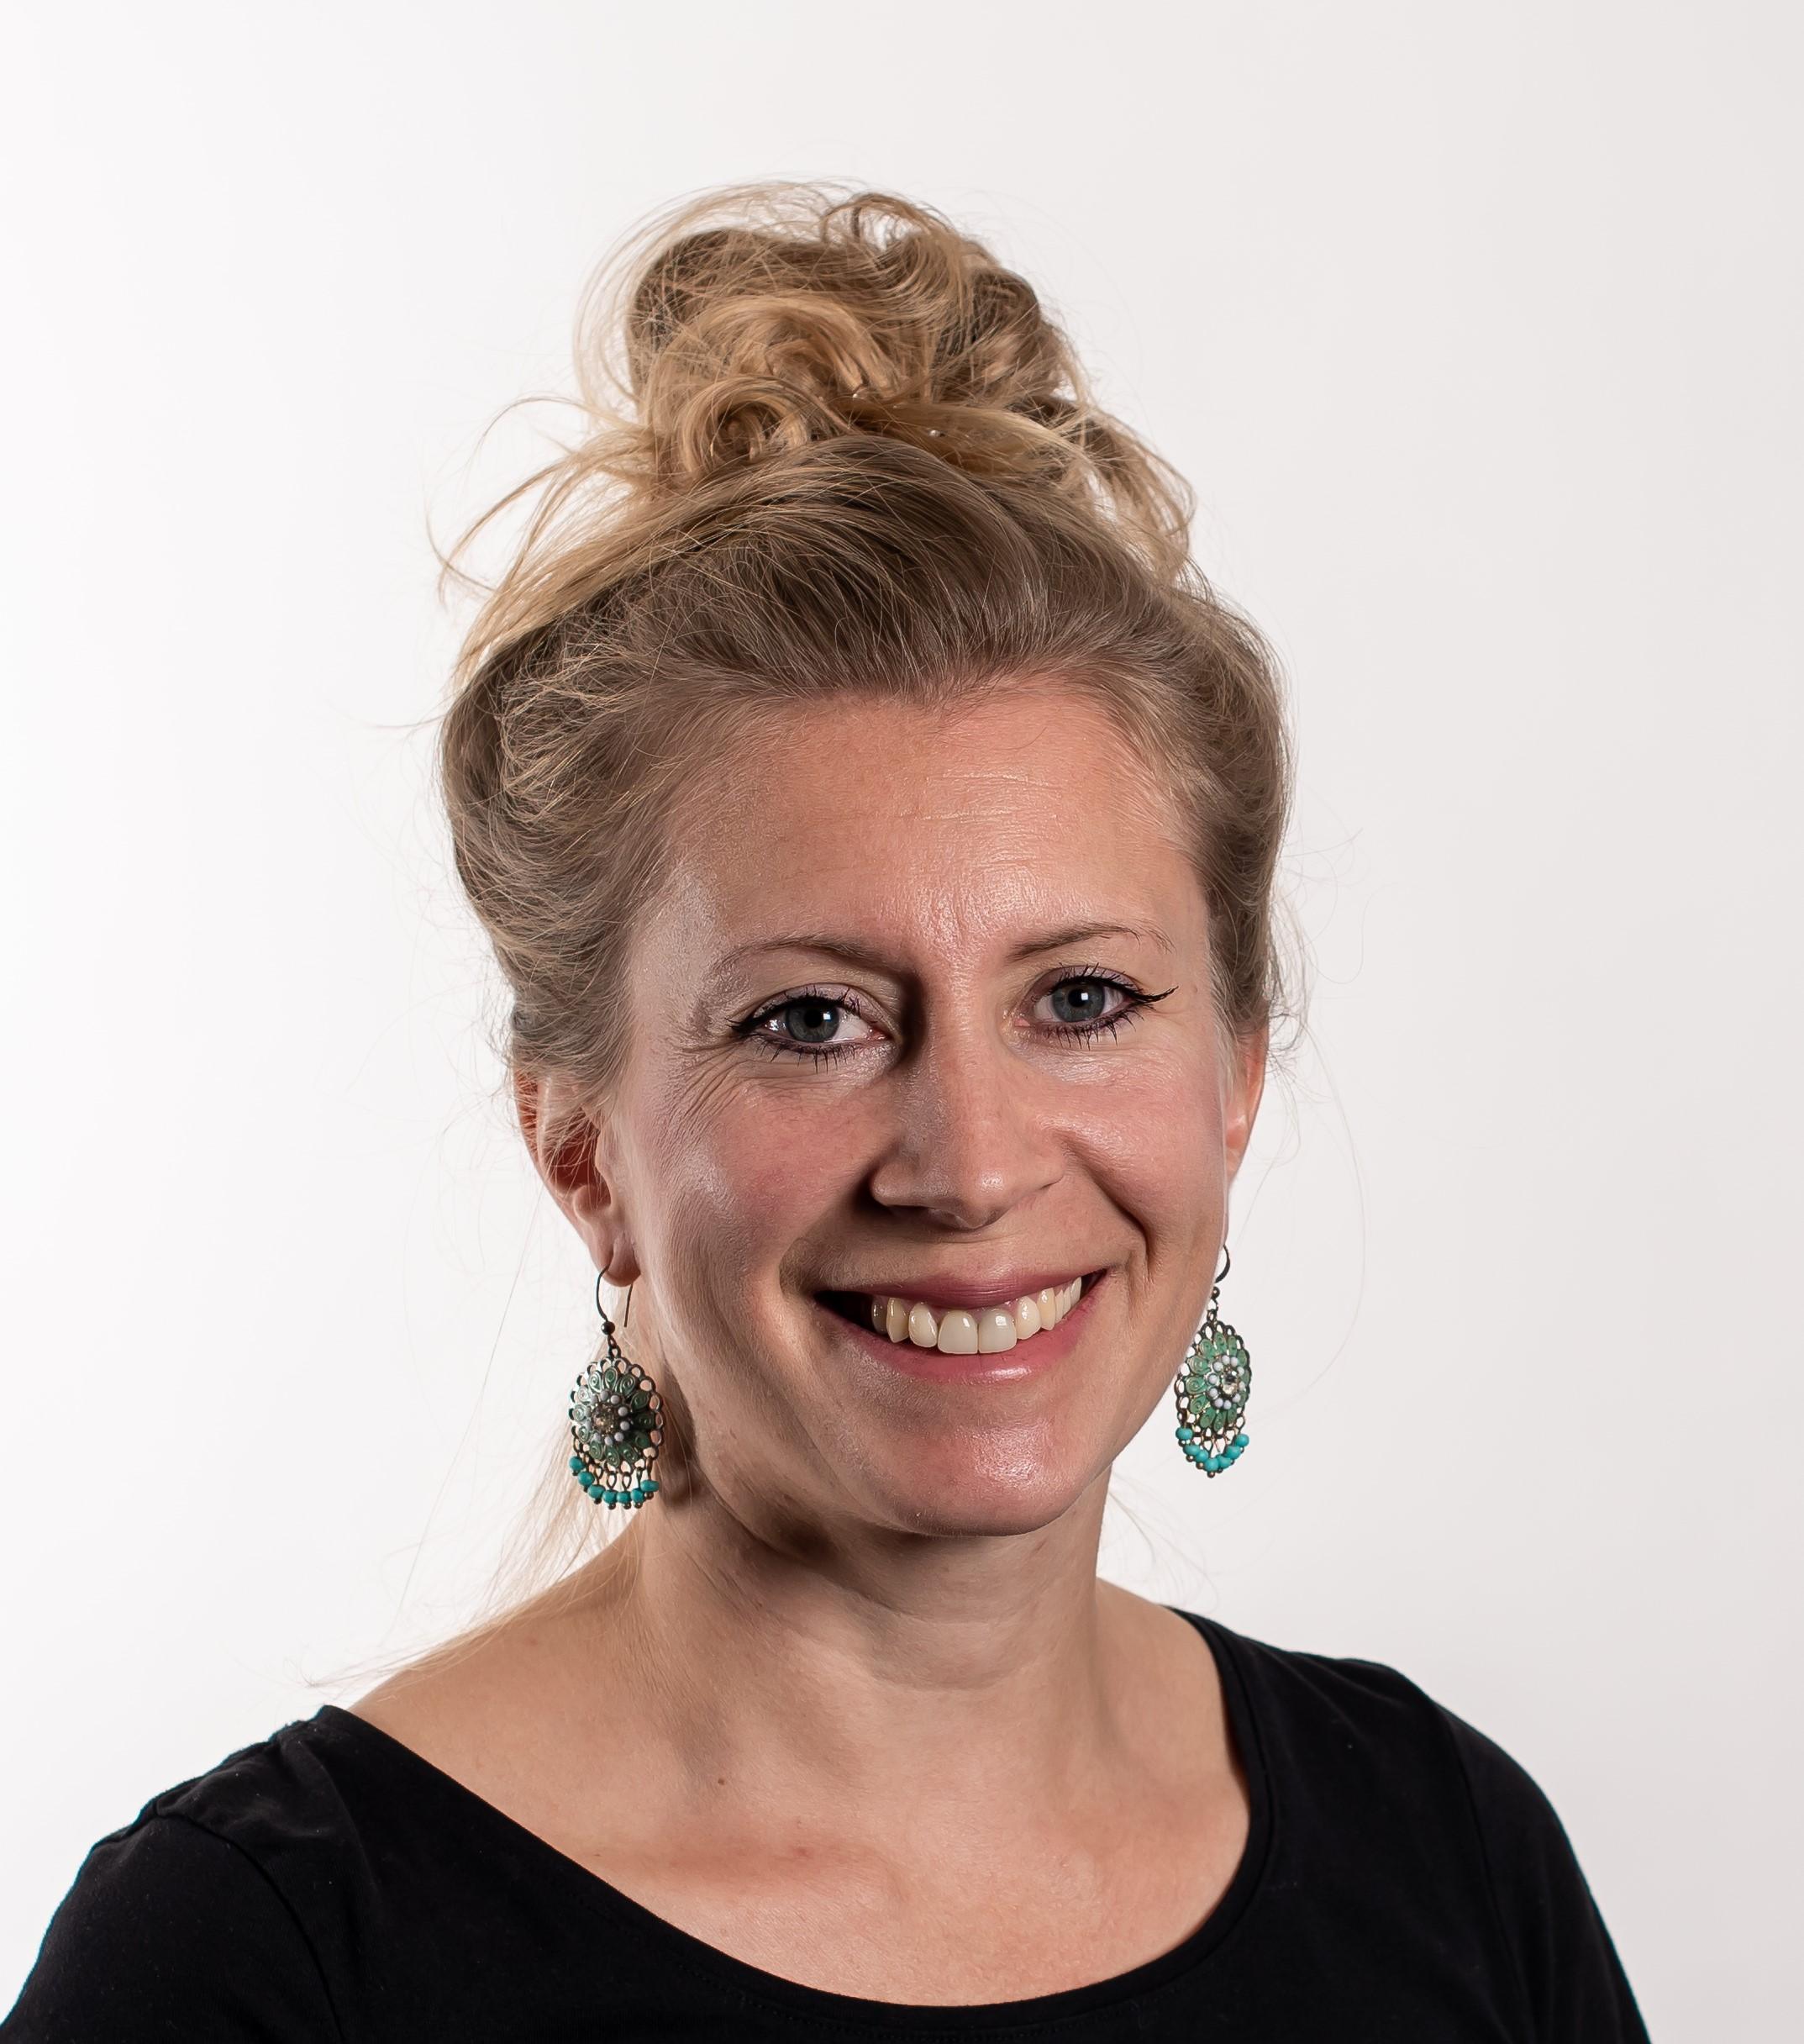 Anna-Katharina Hofer